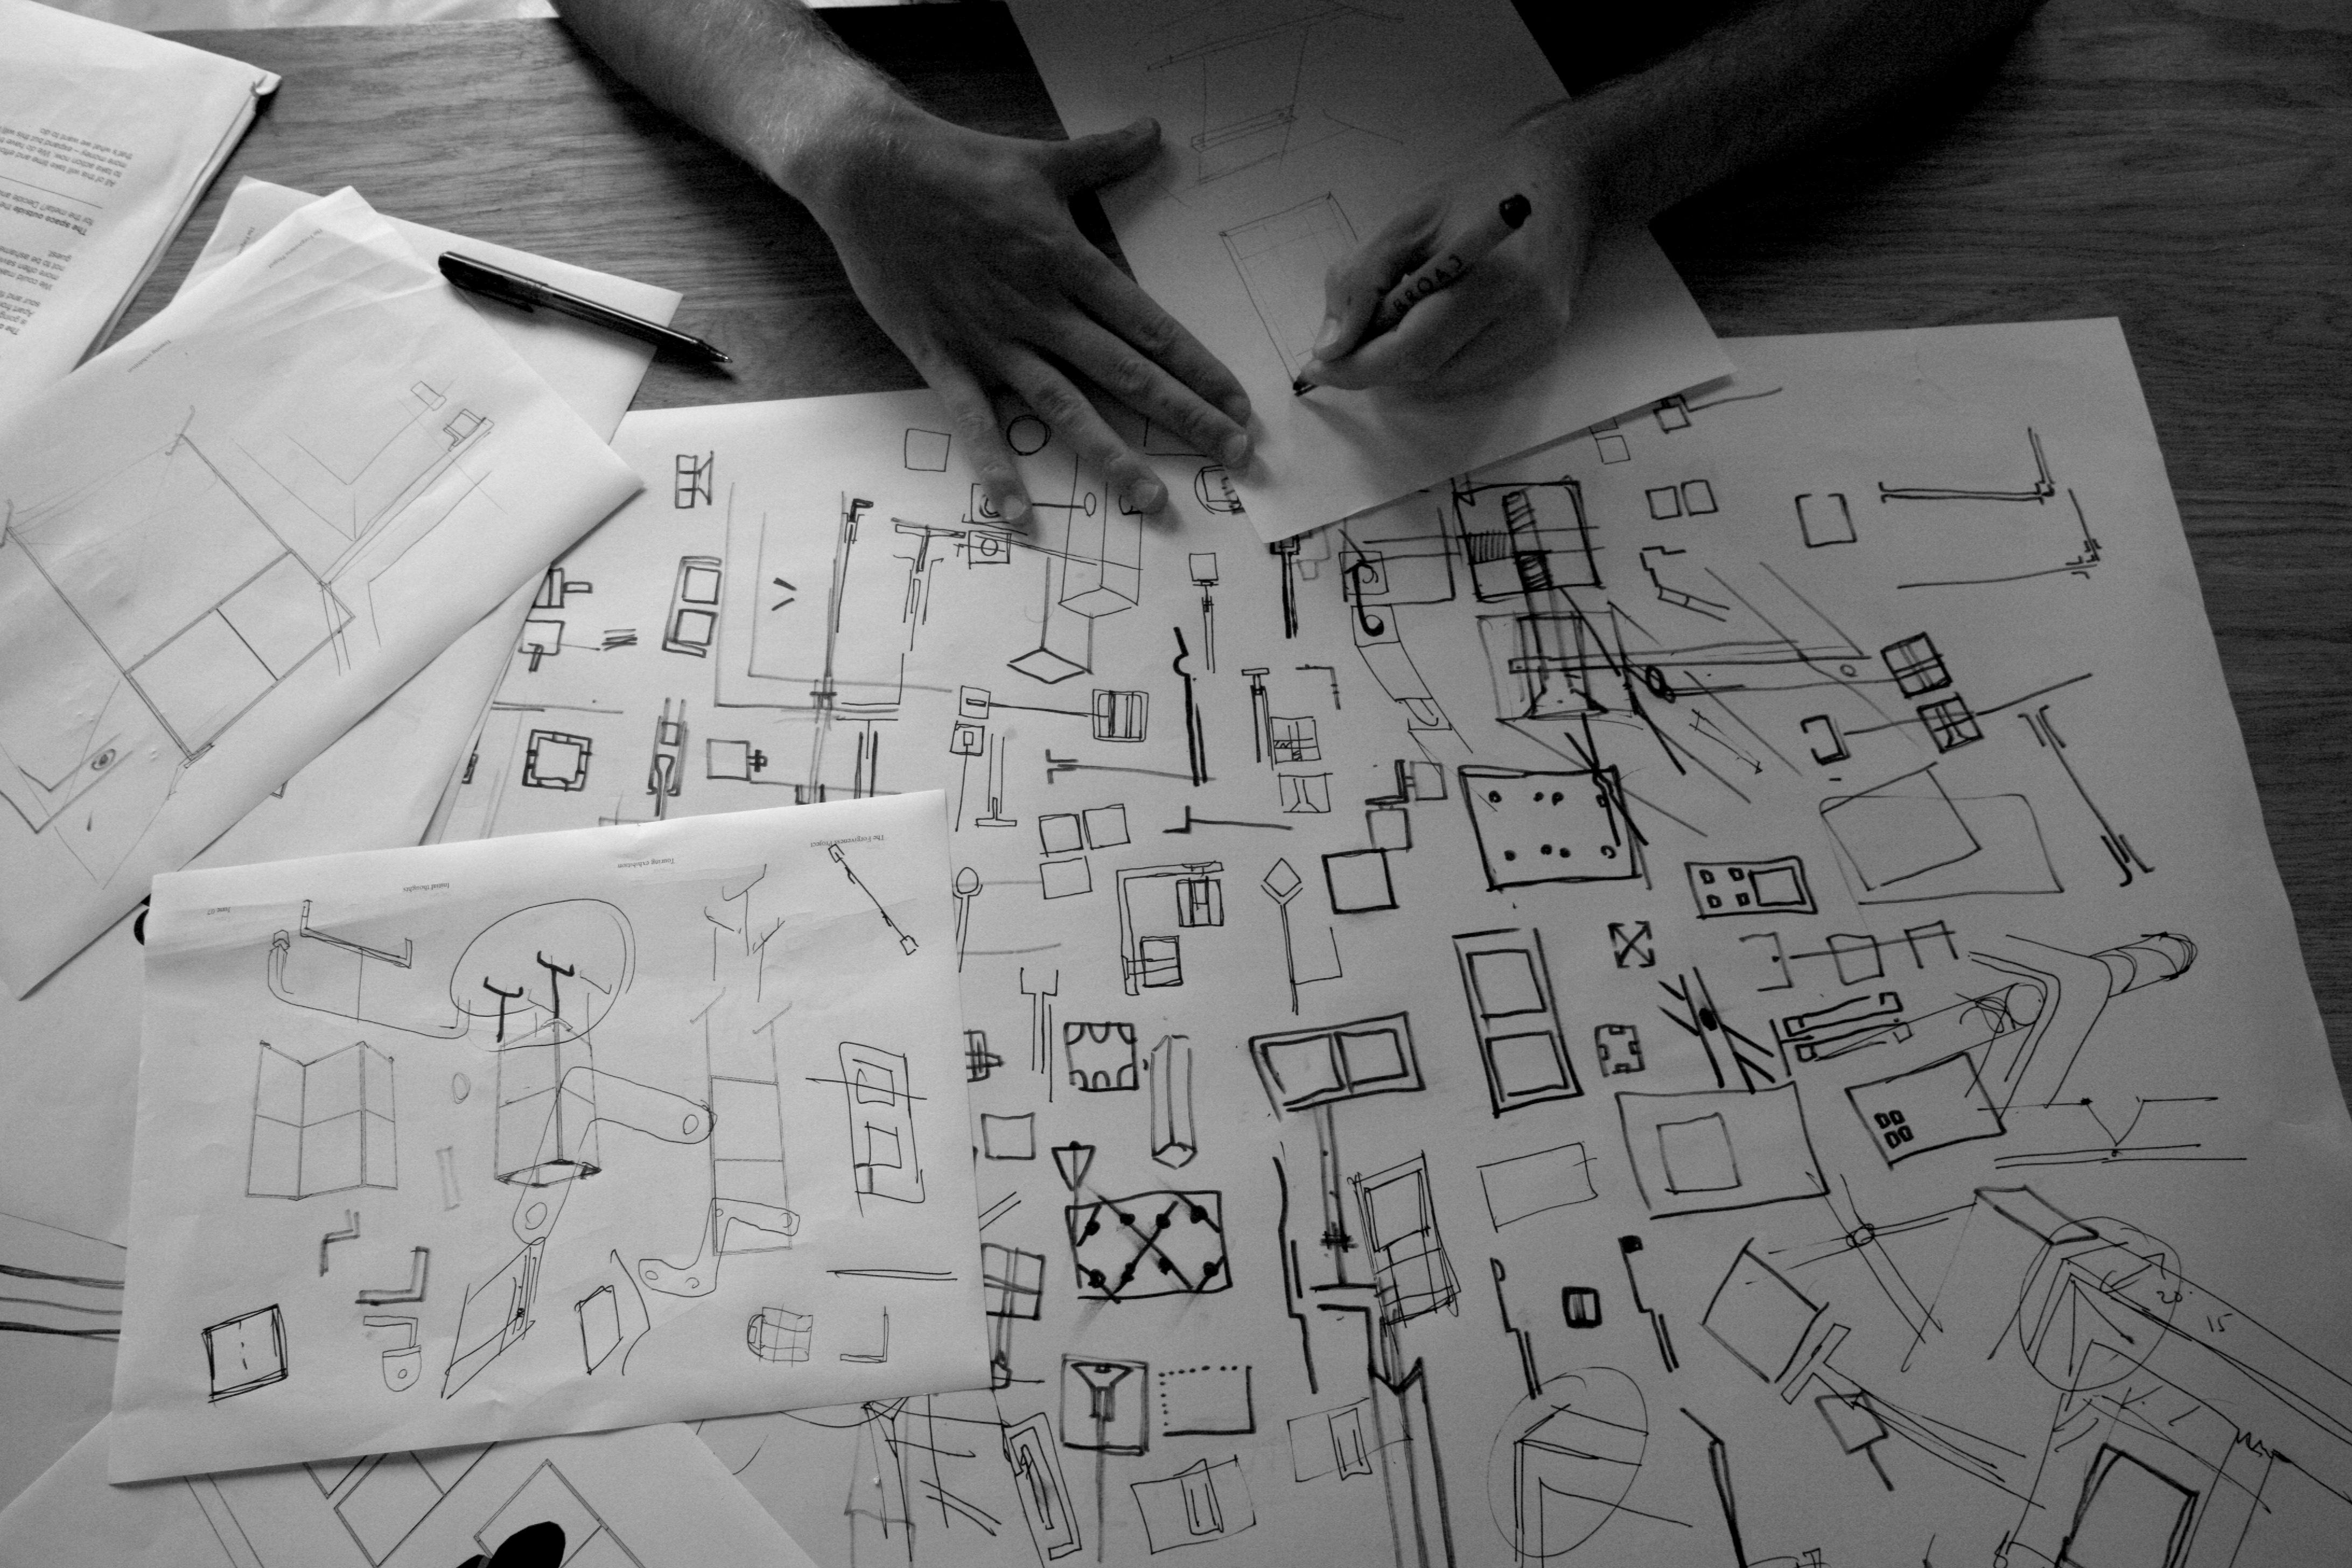 standard8 designer sketching designs on paper